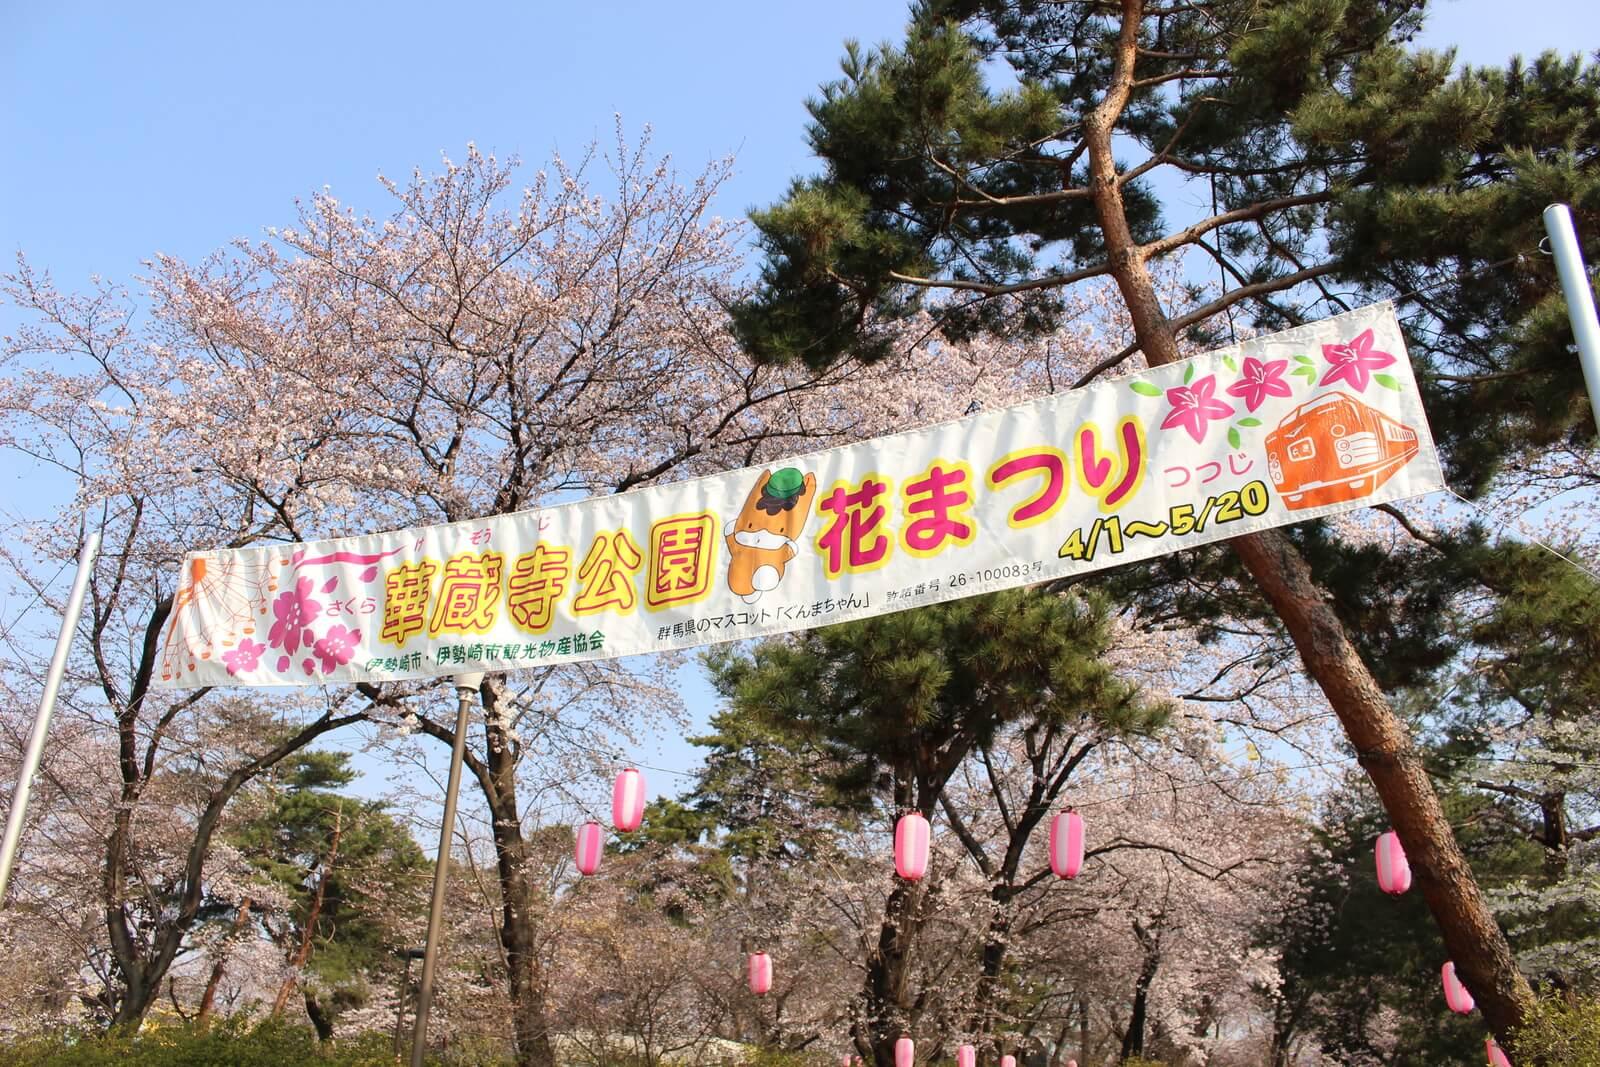 2017年4月1日から「華蔵寺公園花まつり」が始まり、桜もそろそろ満開に!